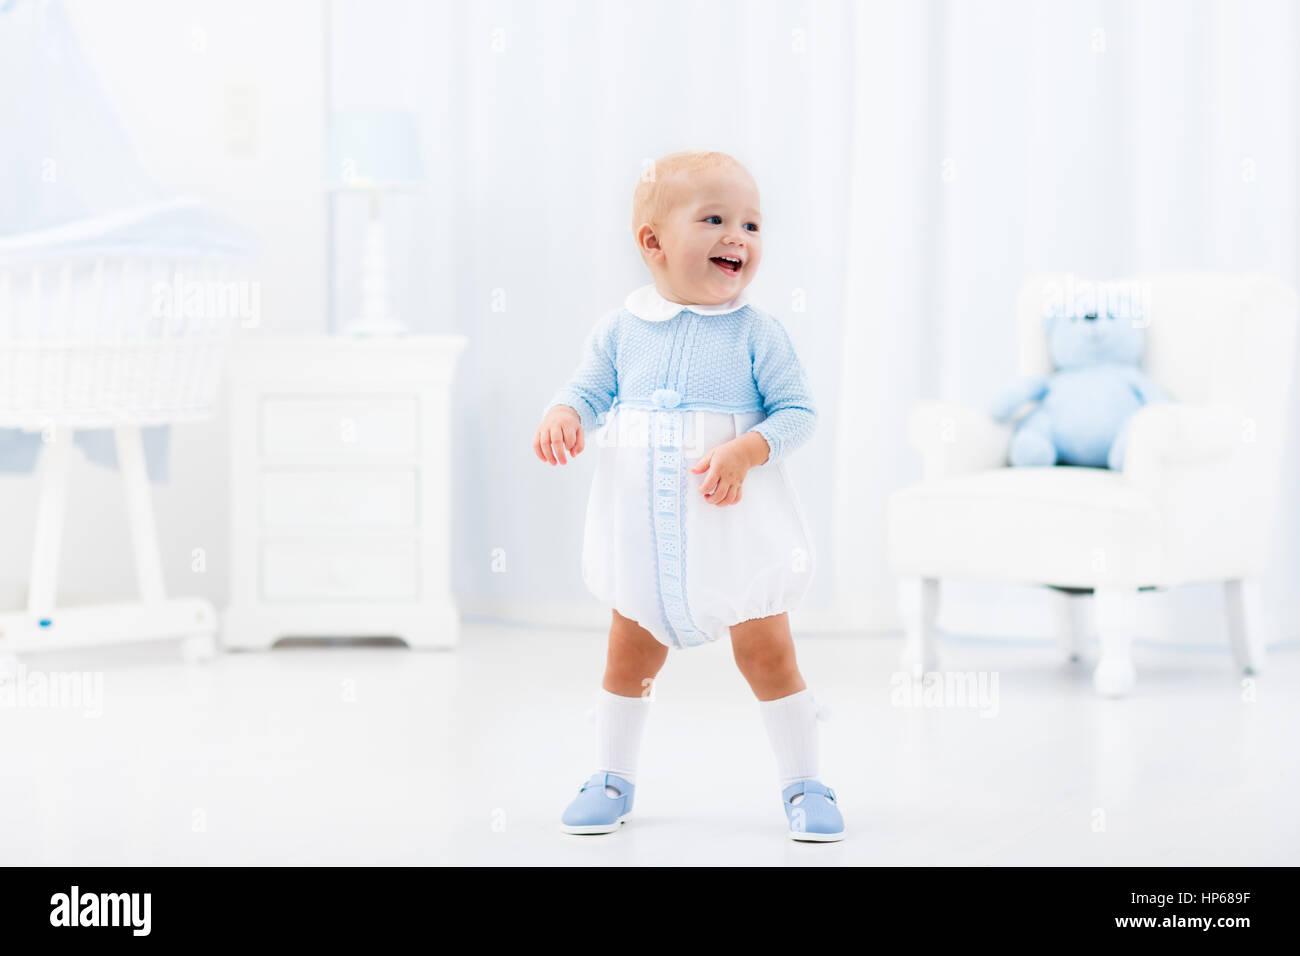 Sedie A Dondolo Bambini : I primi passi del bambino ad imparare a camminare in bianco e